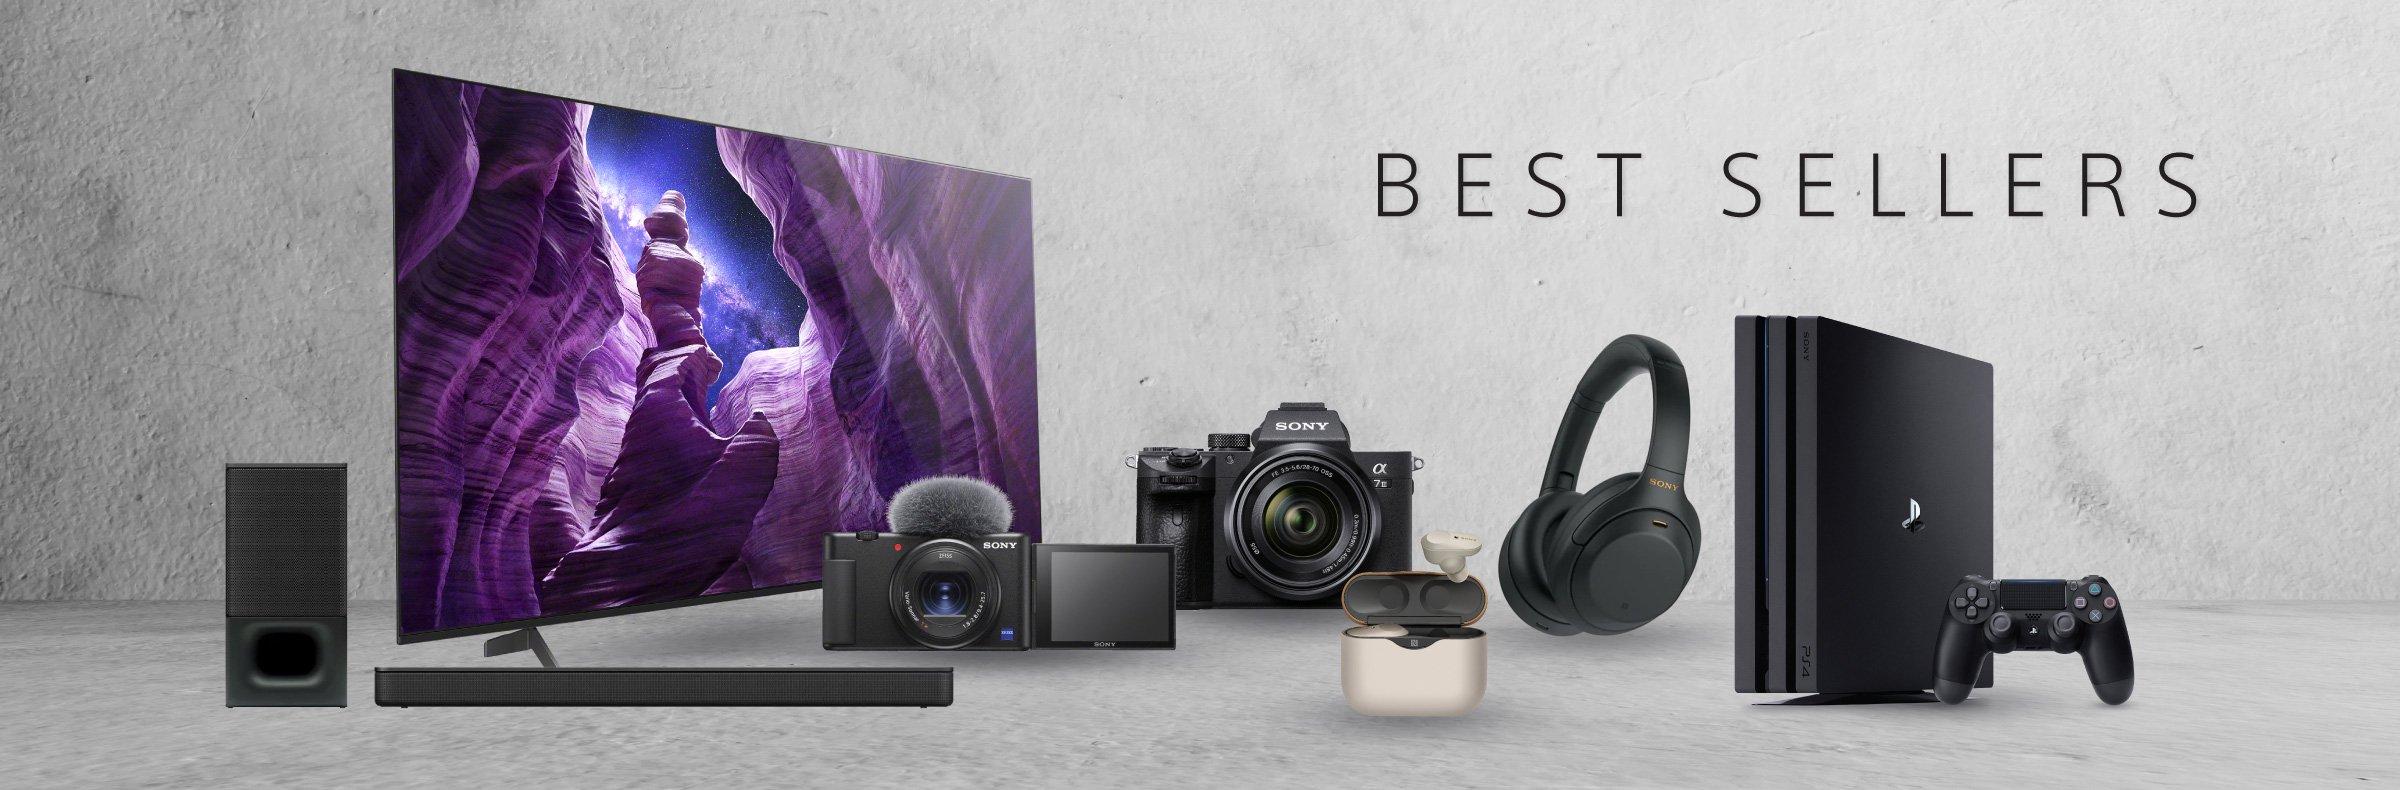 Sony - Bestsellers